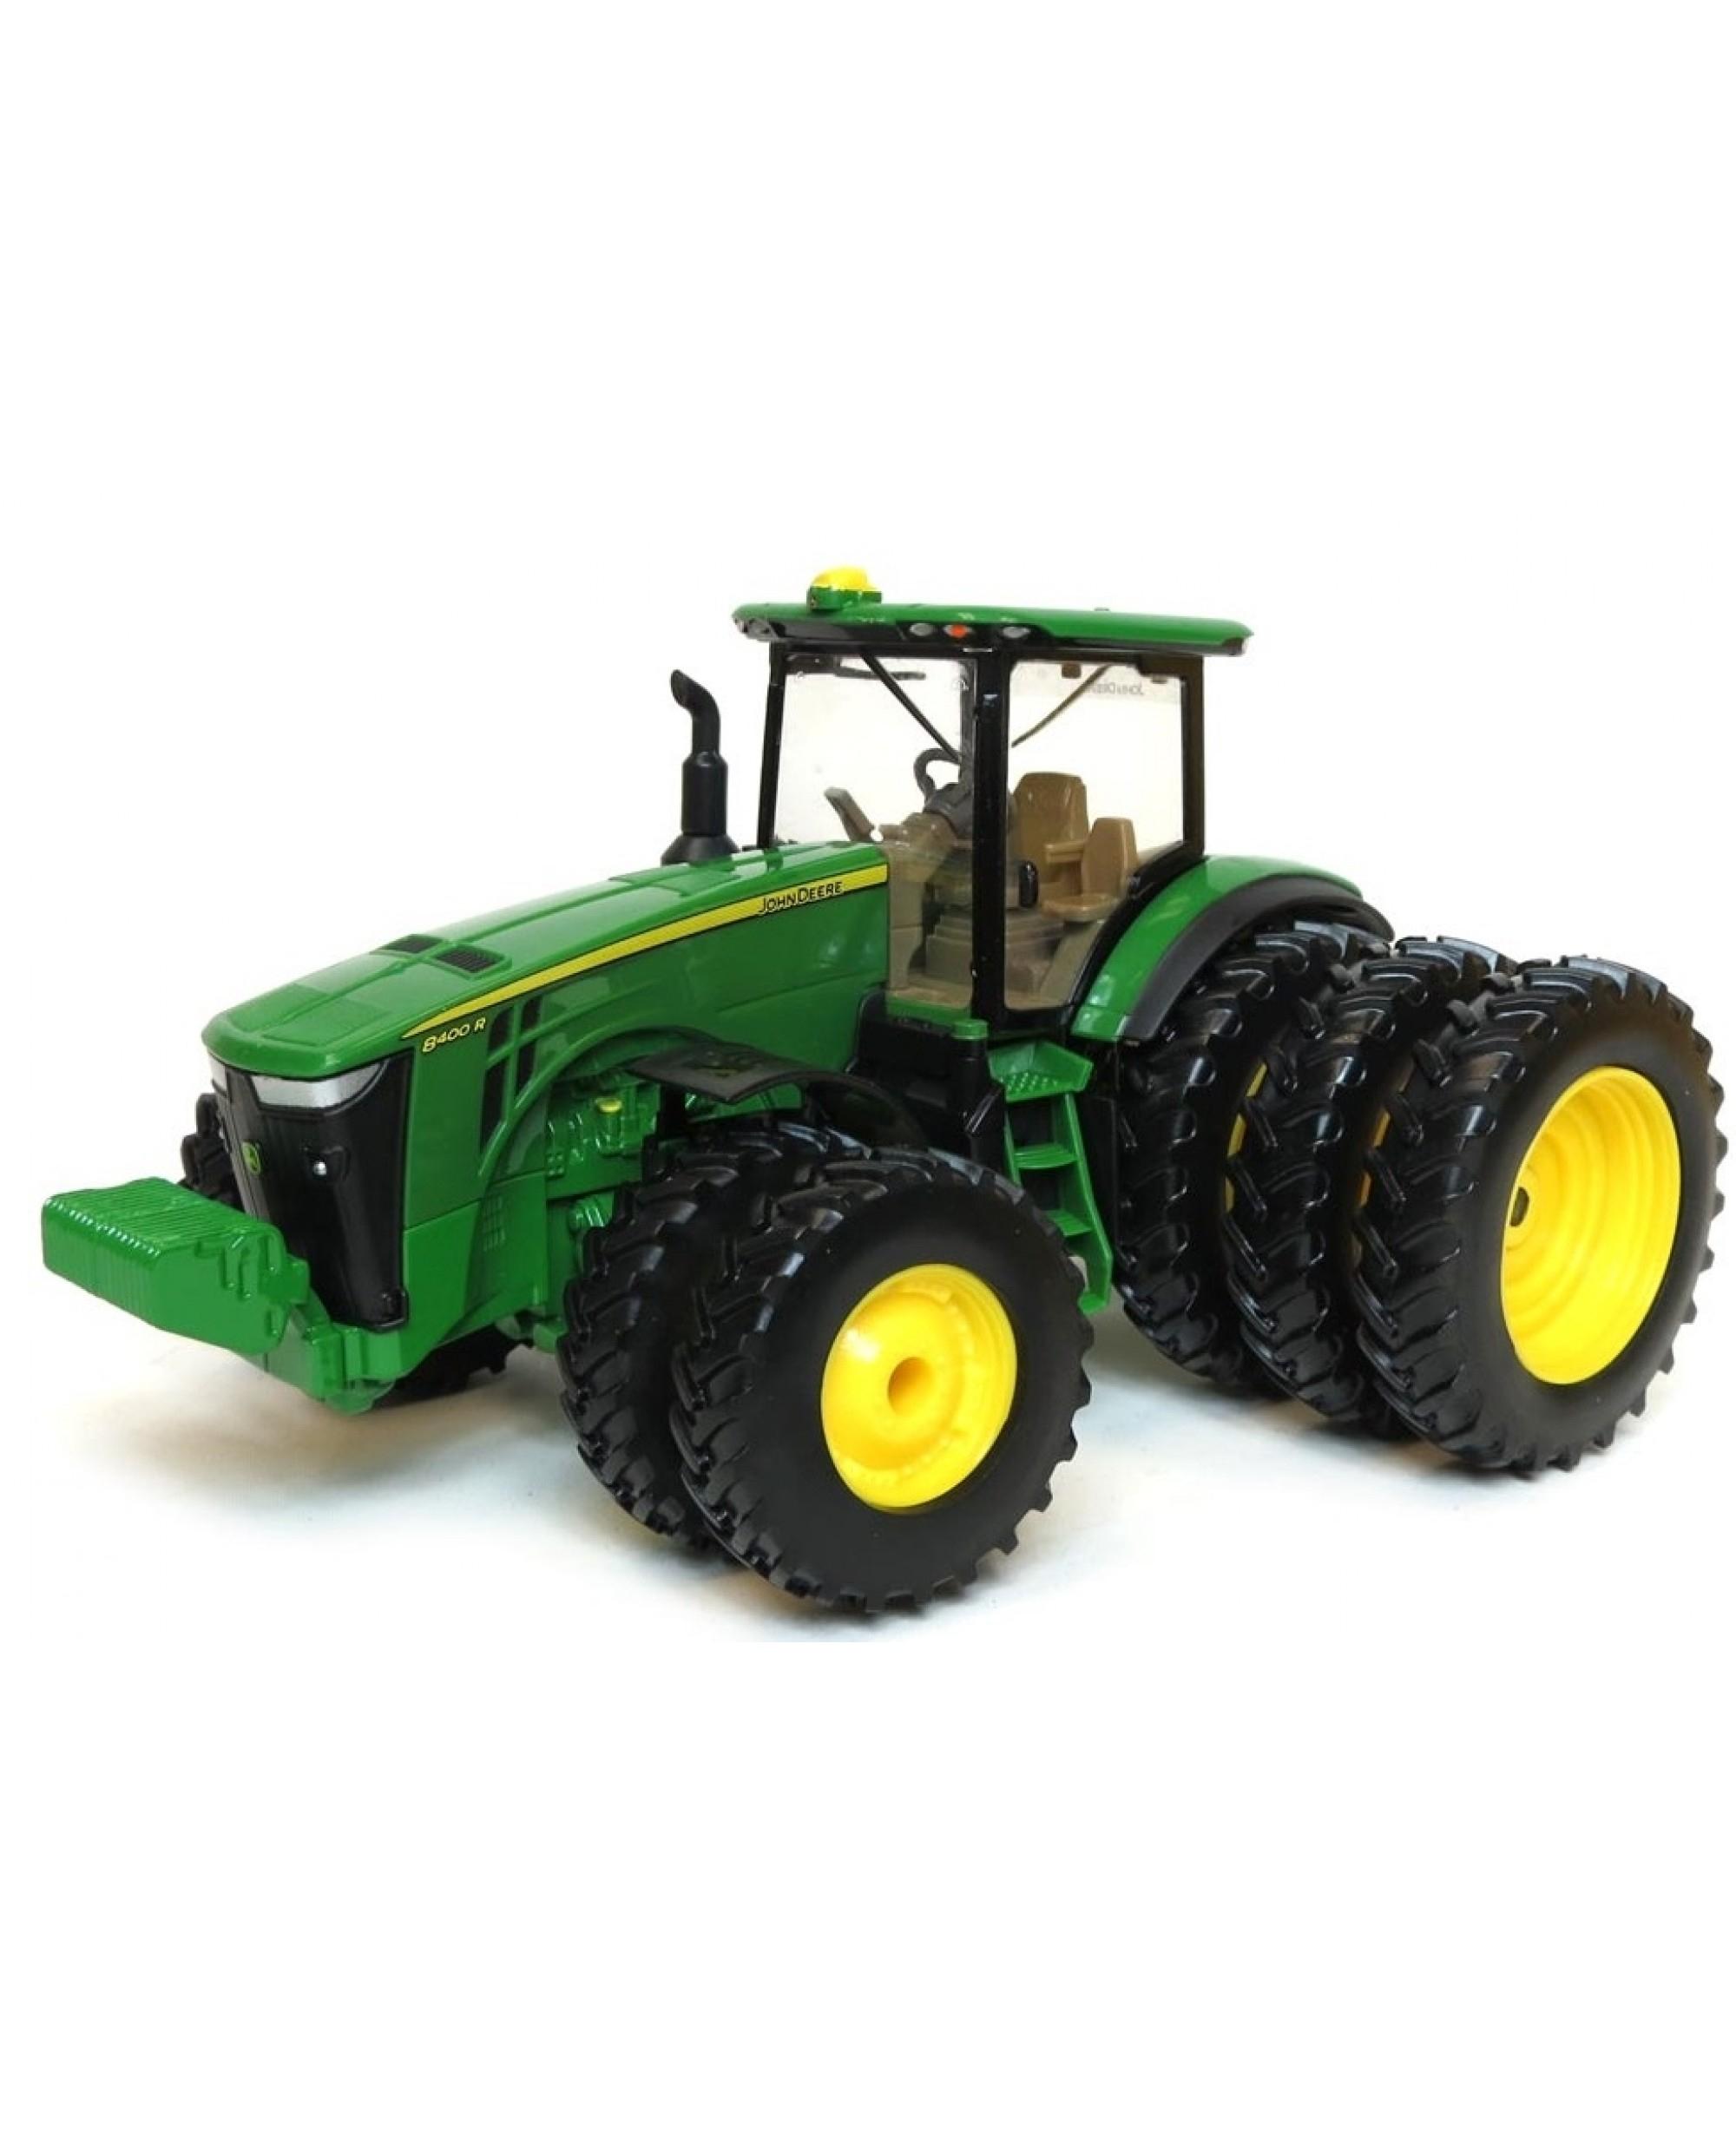 Tracteur John Deere 8400R Roues Arrières Triplées Et Roues Jumelées Avant destiné Dessin Animé De Tracteur John Deere